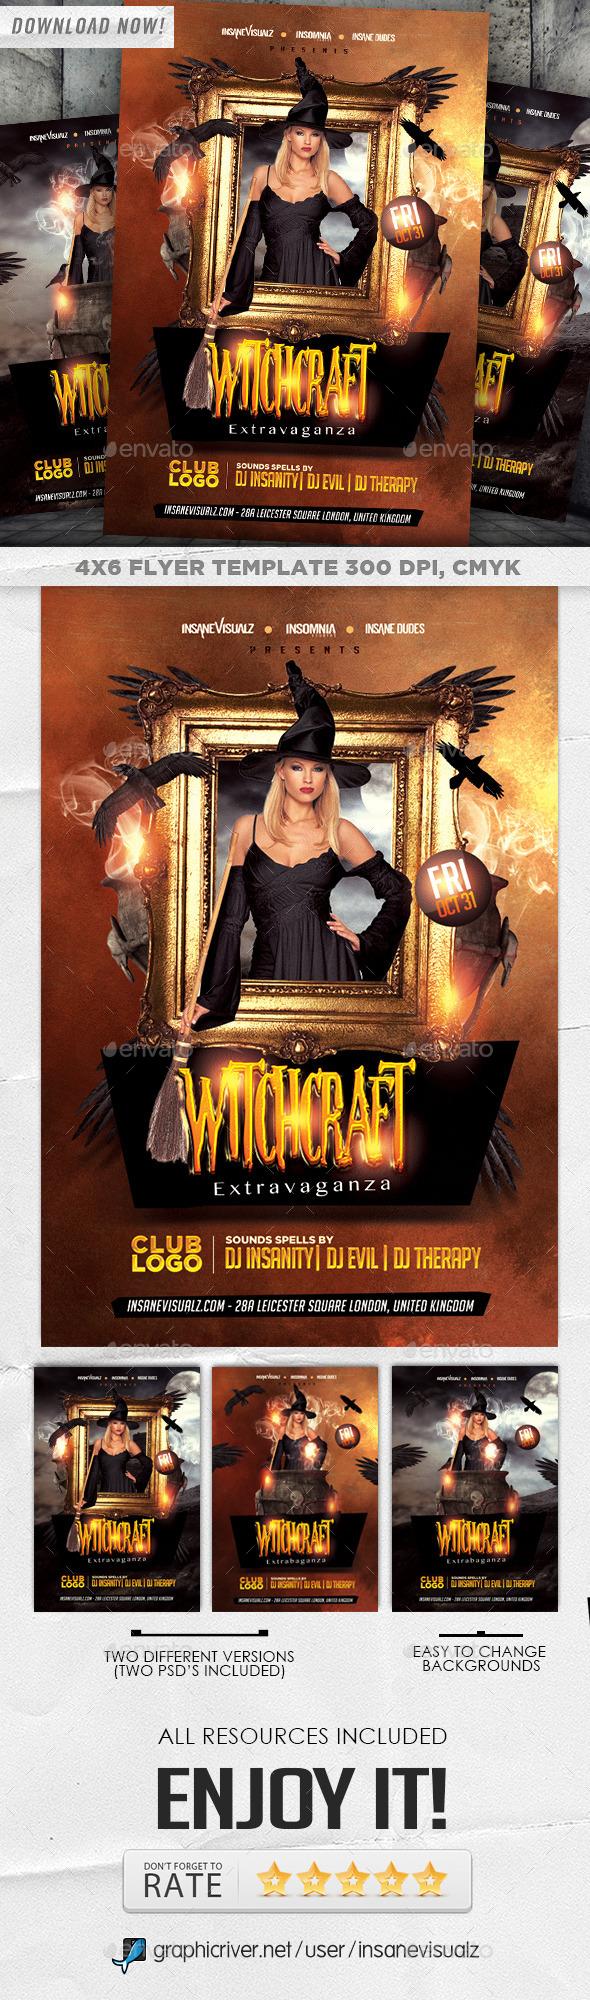 GraphicRiver Witchcraft Extravaganza Halloween Flyer 8943790